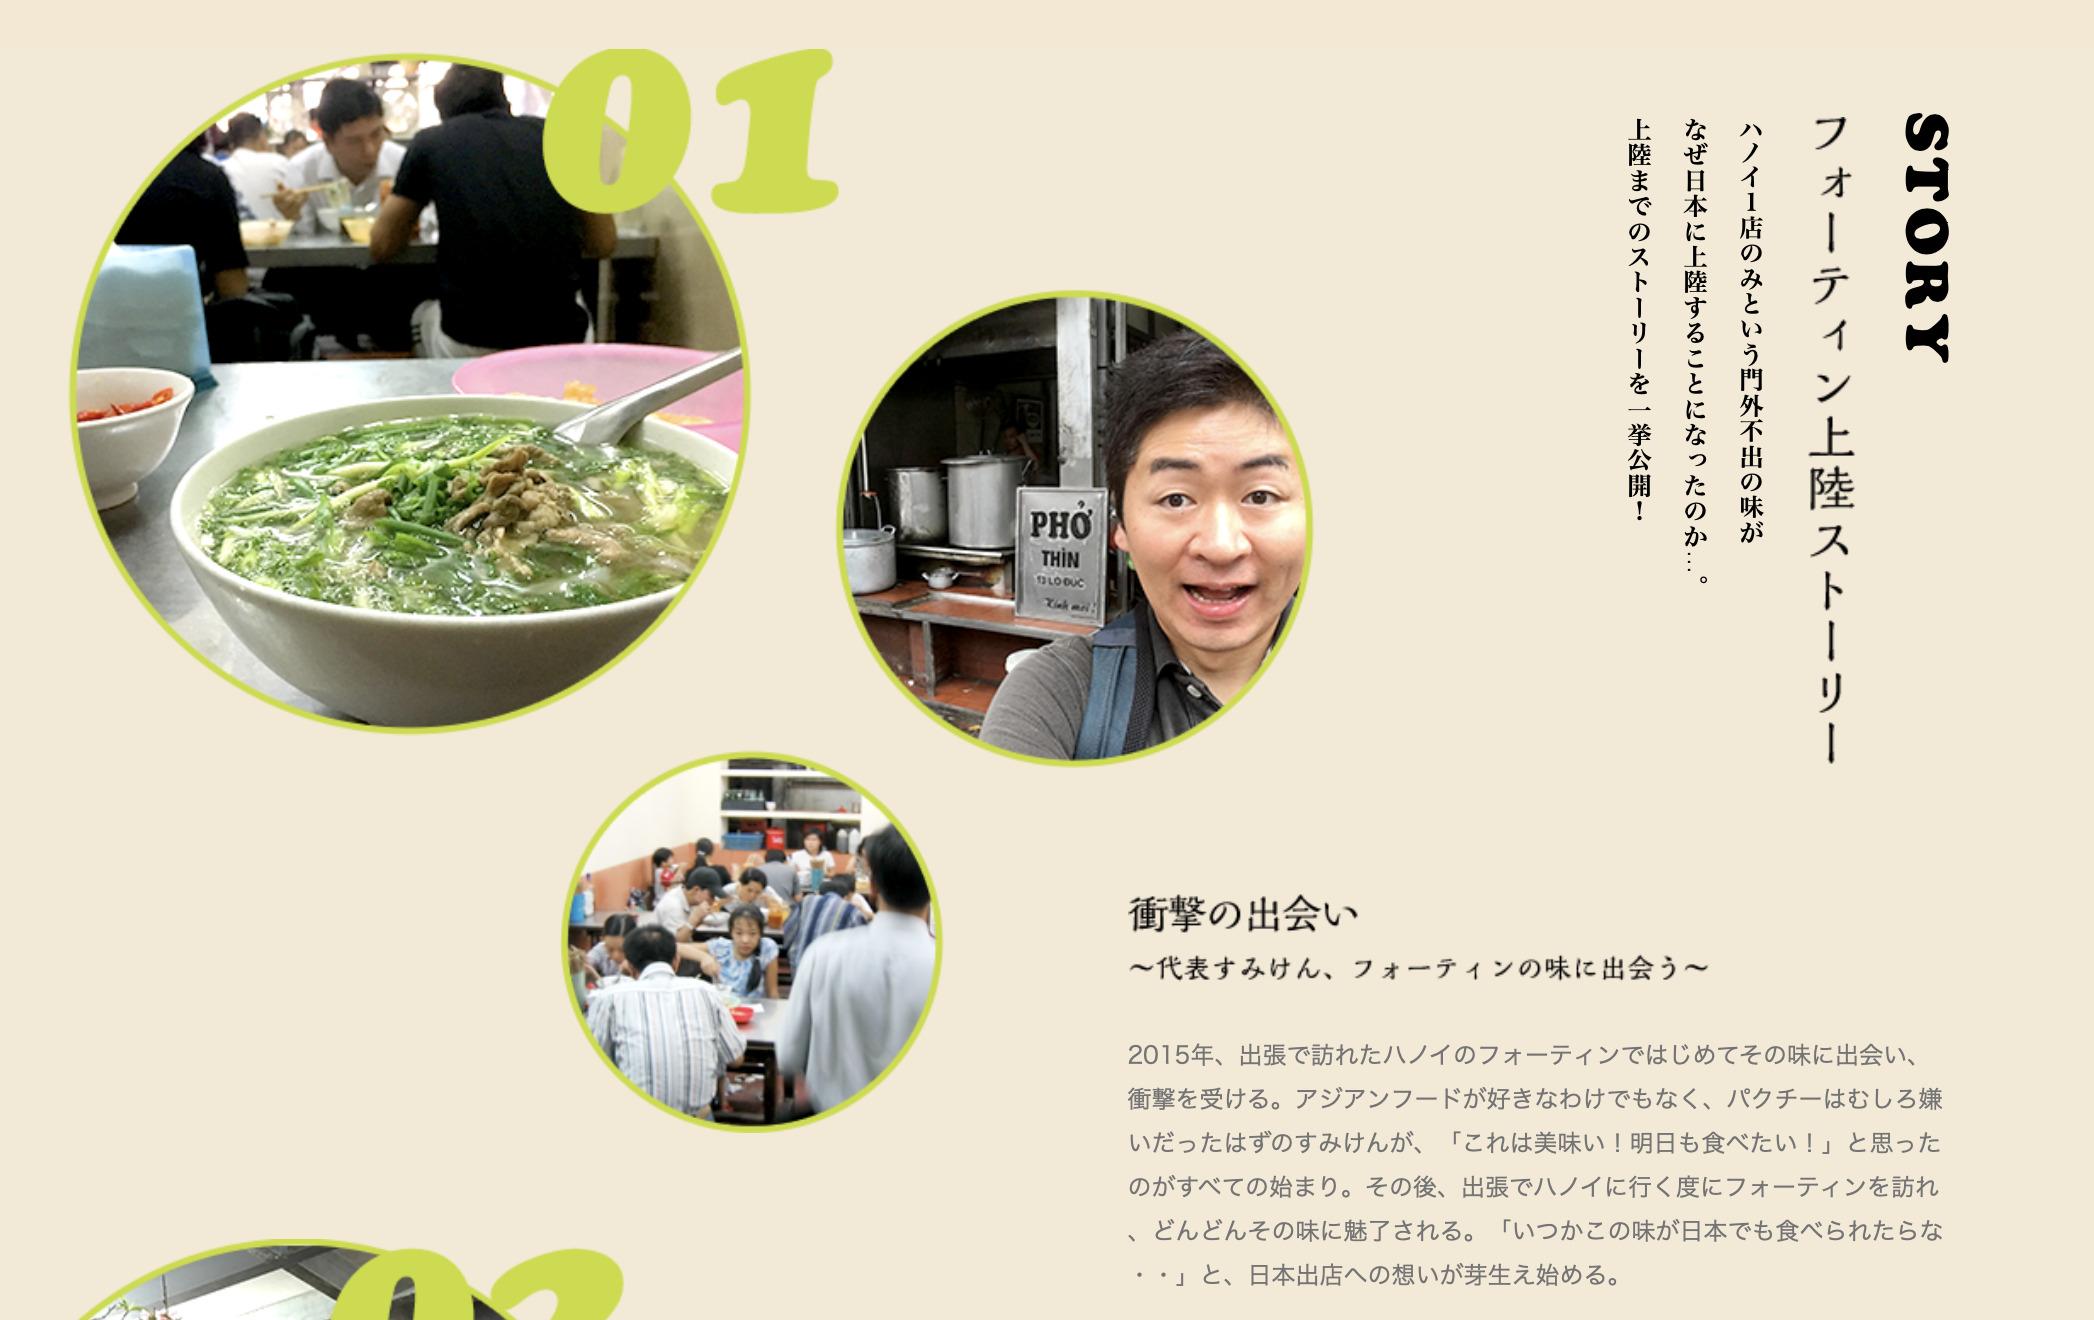 フォーティントーキョー 新宿店のストーリー